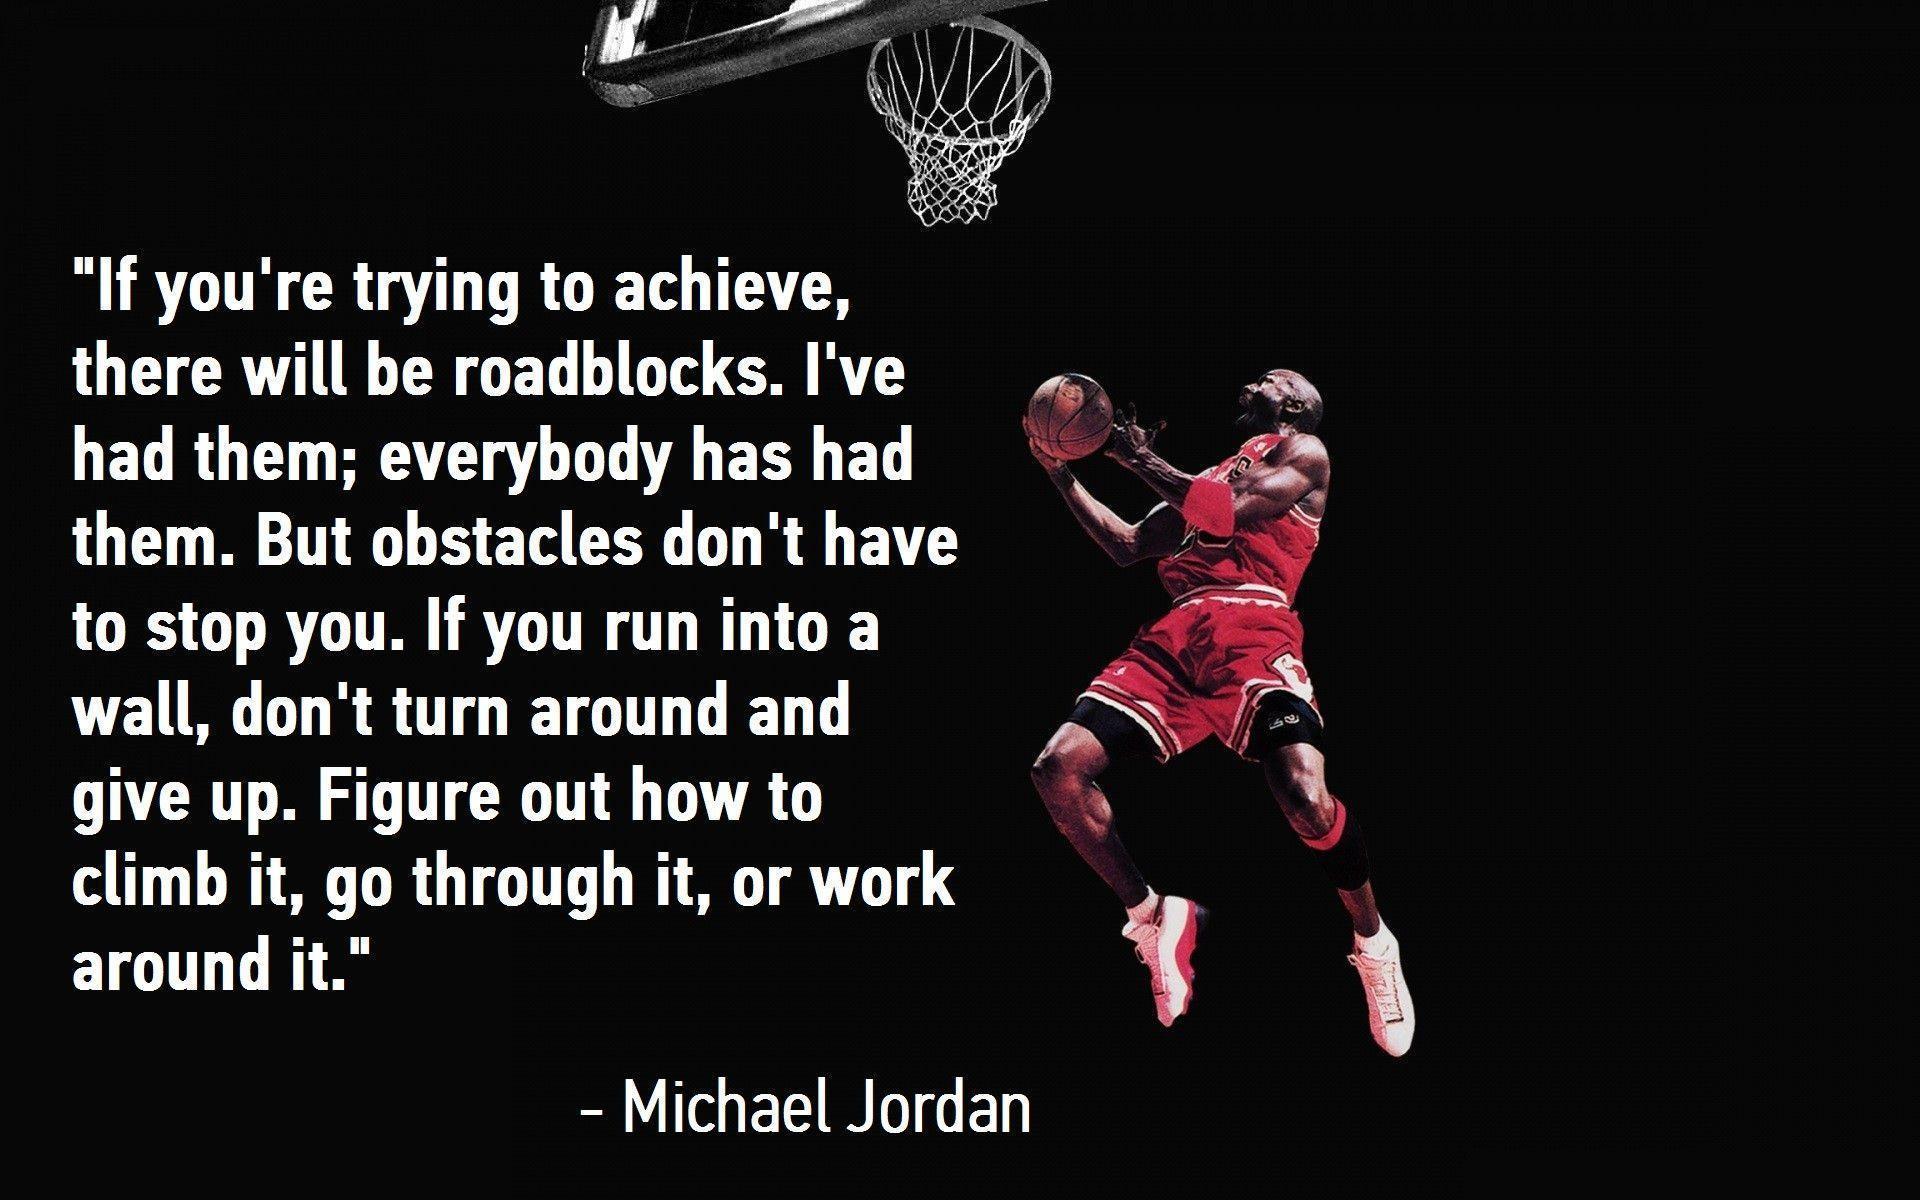 Michael Jordan Wallpaper For Computer: Michael Jordan Quote Wallpapers